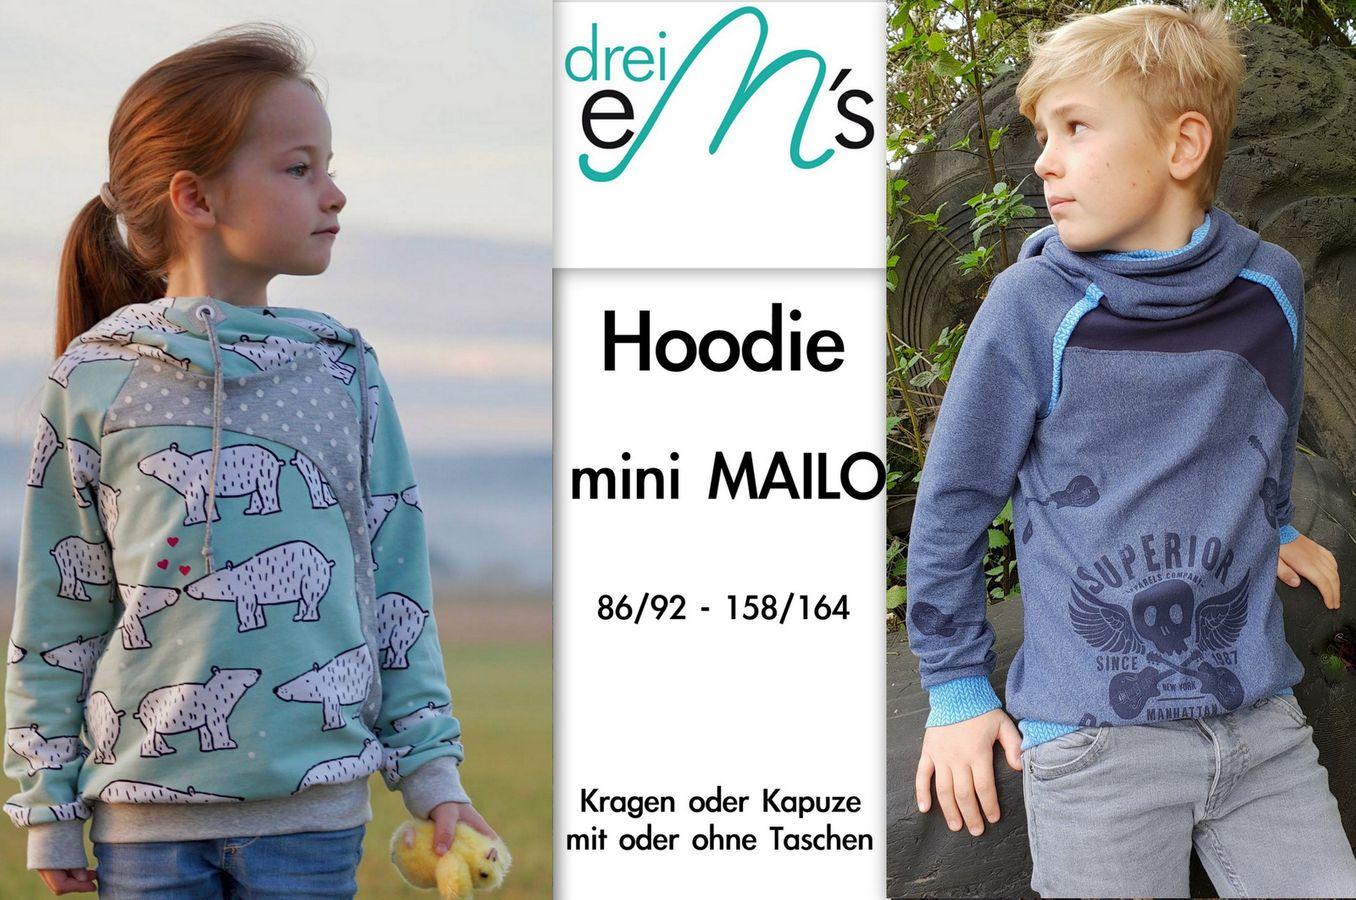 Produktfoto von drei eMs für Schnittmuster Hoodie mini Mailo